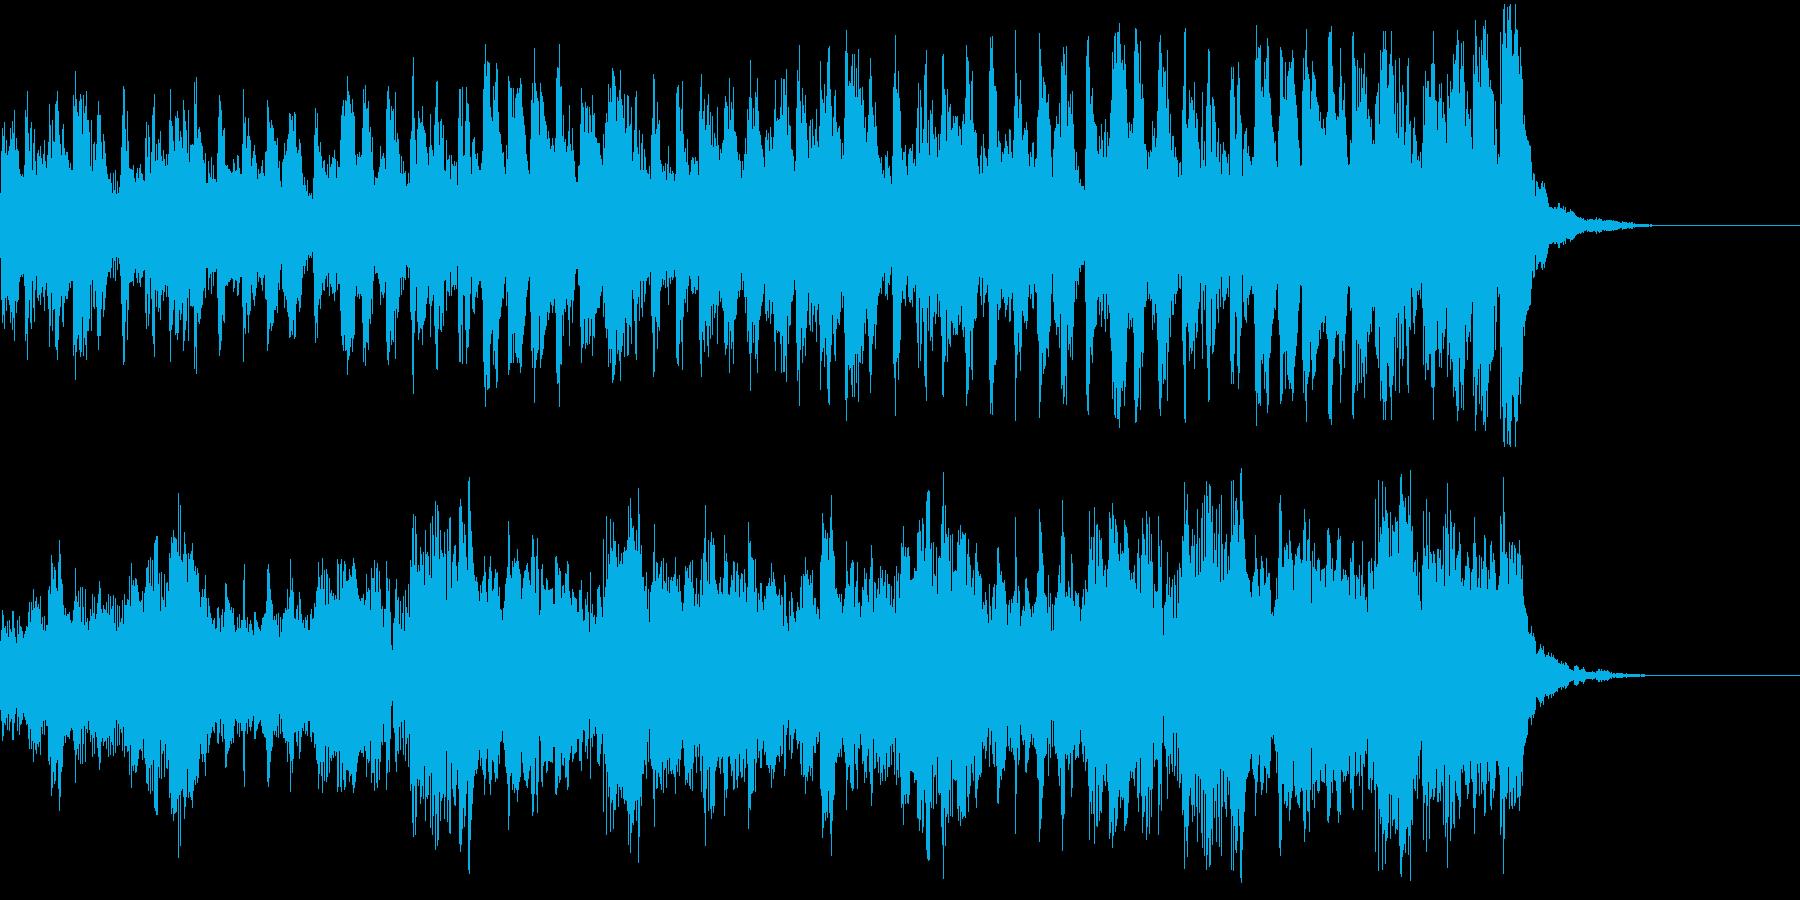 ジングル-ピチカートで軽快、コミカルにの再生済みの波形